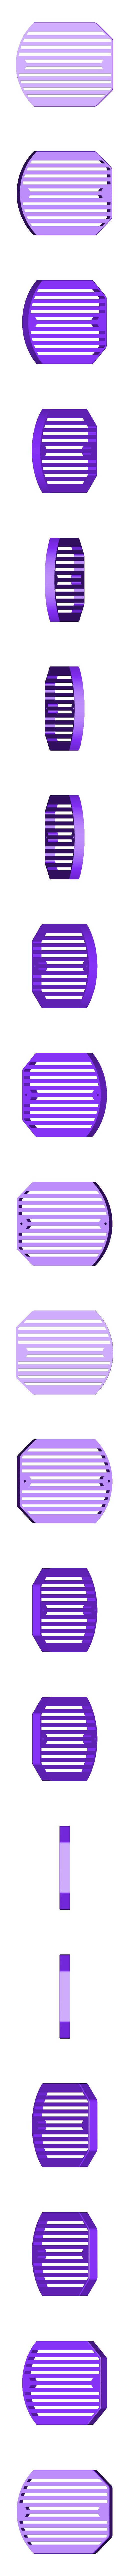 Mesh.stl Télécharger fichier STL gratuit MACHINE À CAFÉ JOUET • Design pour imprimante 3D, 3DWORKBENCH